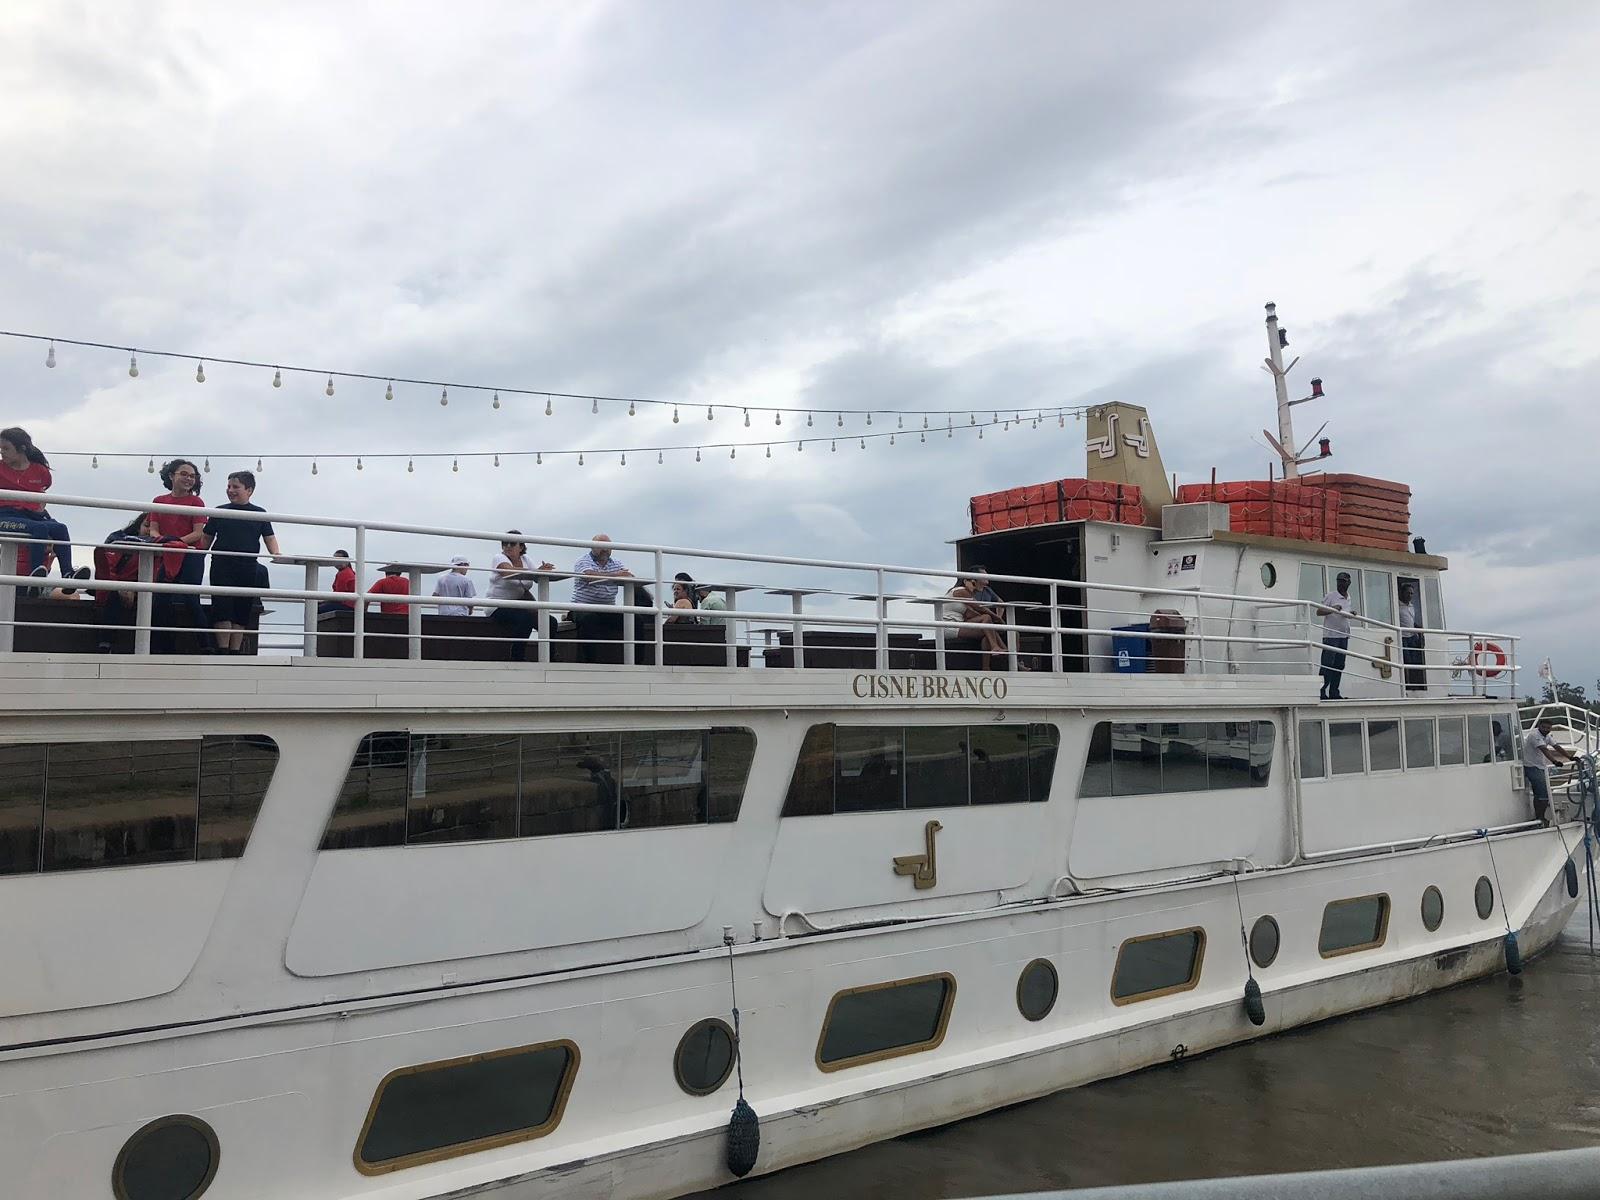 Turismo em Porto Alegre: Almoço no Clube do Comércio e passeio no Barco Cisne Branco